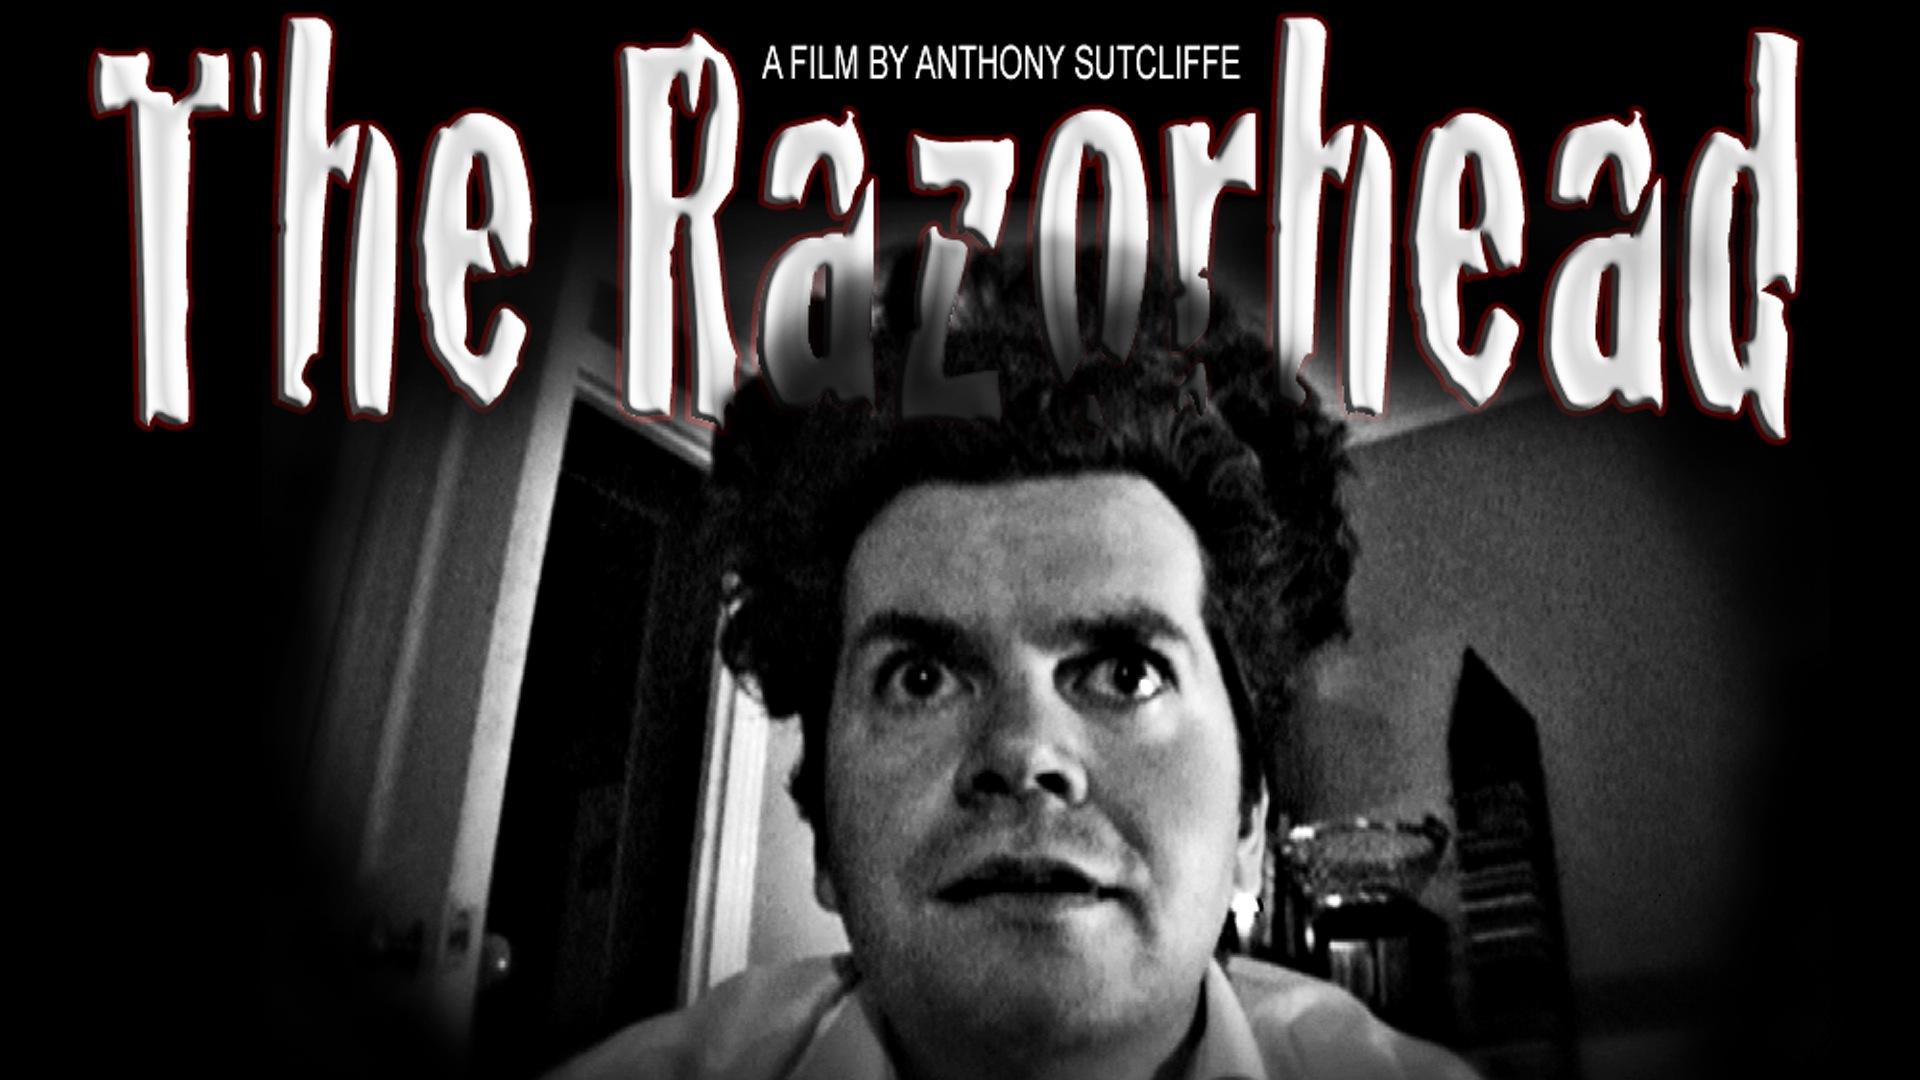 rzorhead poster